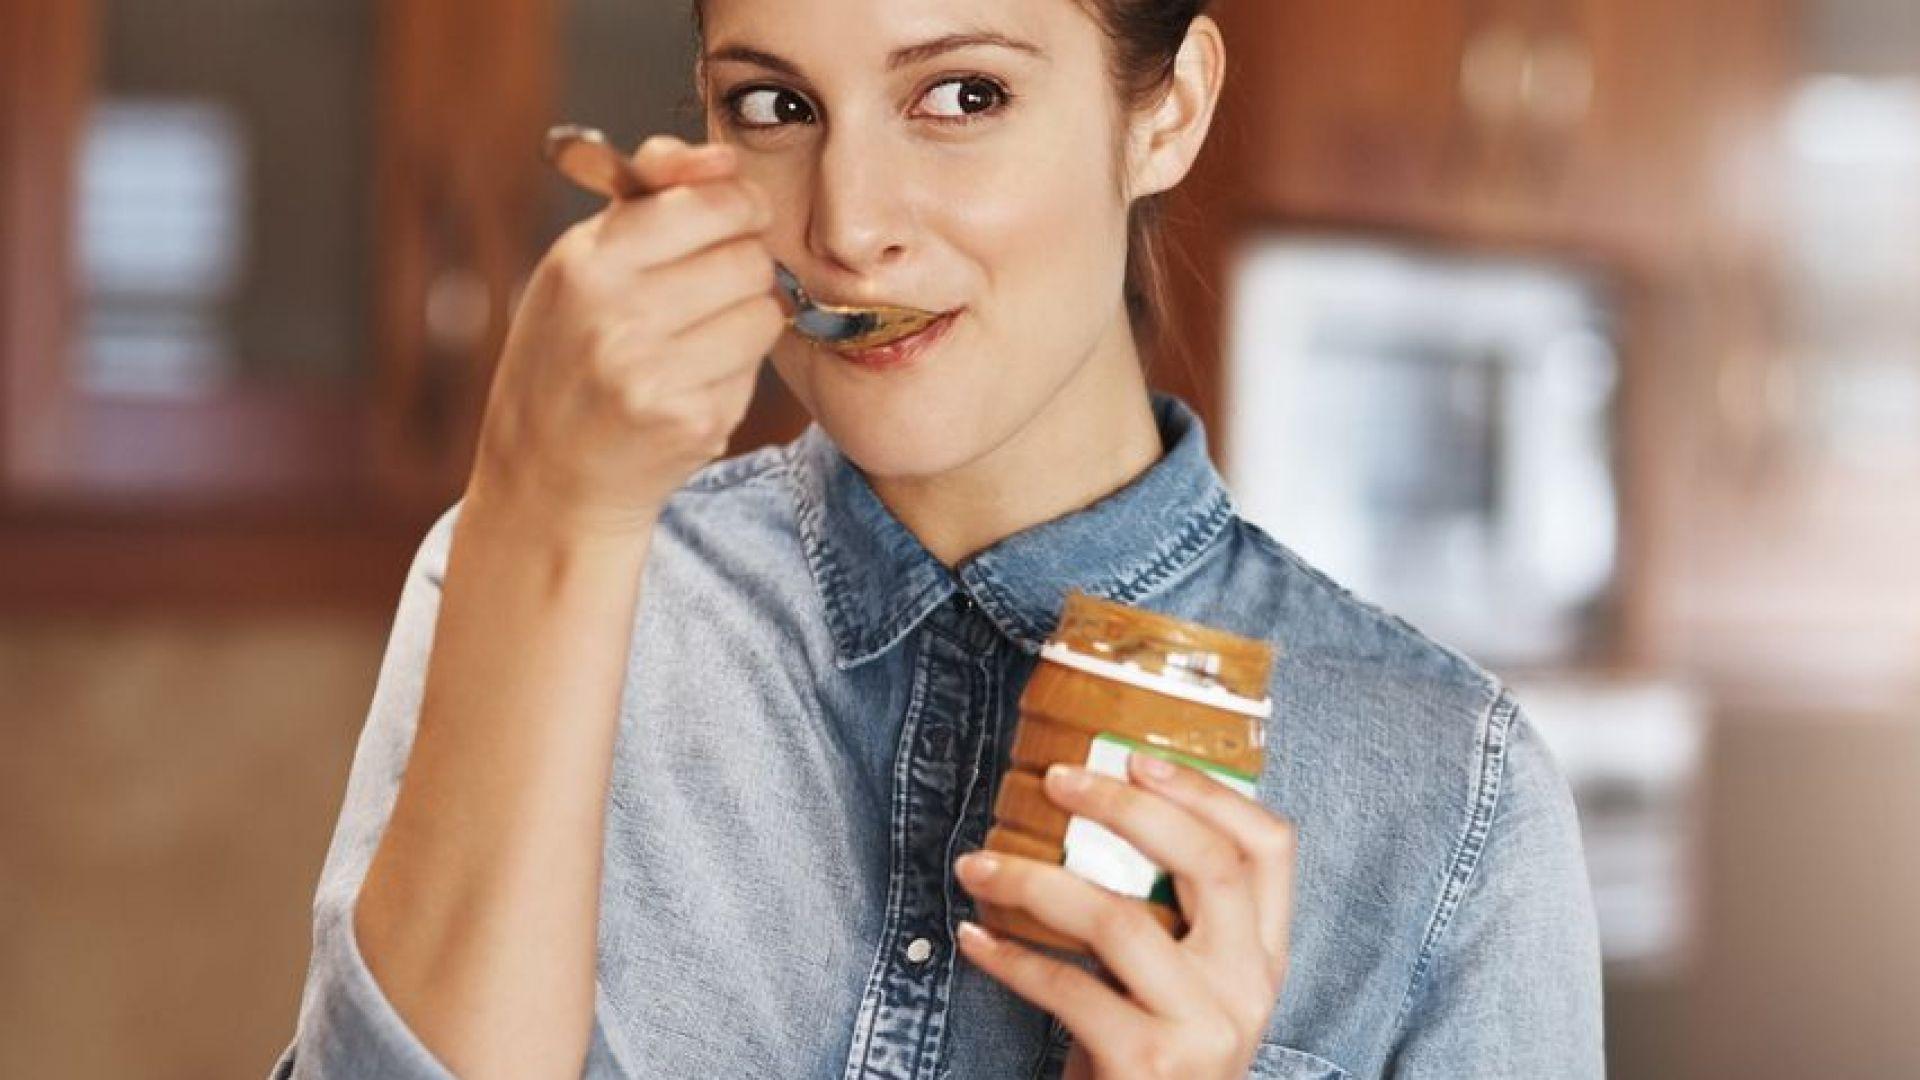 5 съвета как да преодолеем глада за сладко